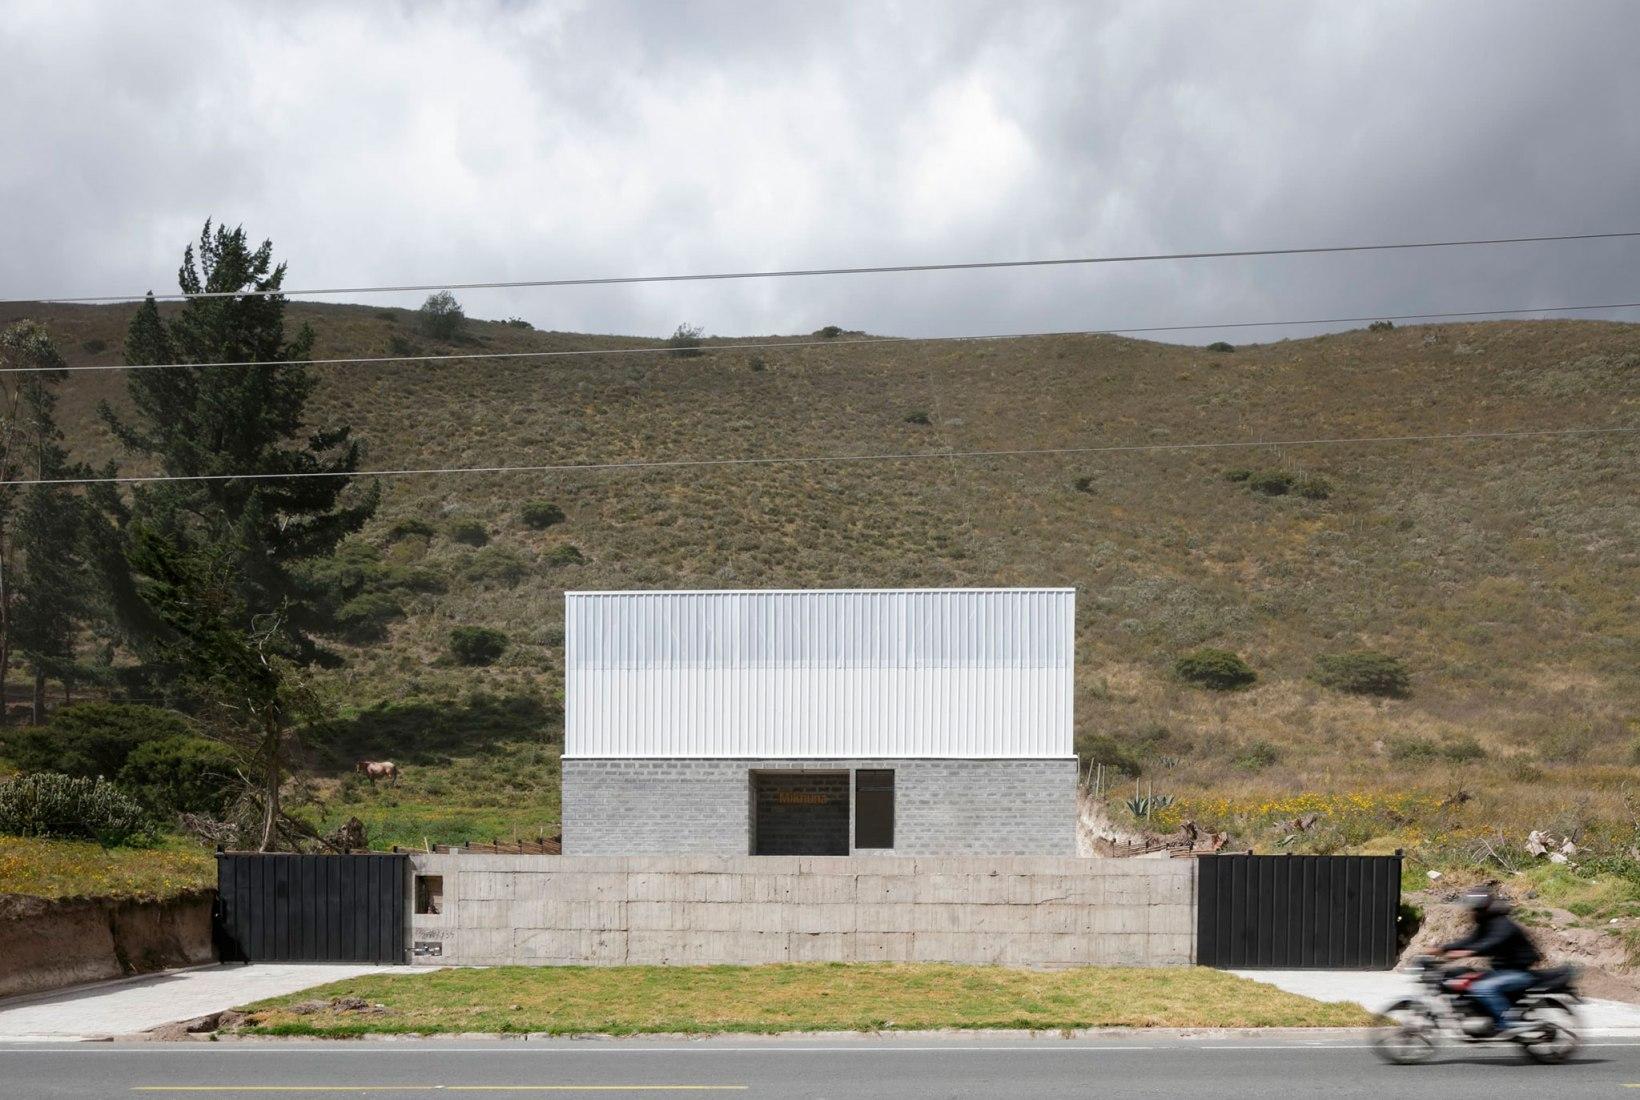 Vista desde la calle. Sede de MIKHUNA por TEC Taller EC. Fotografía por Lorena Darquea Schettini, Paolo Caicedo